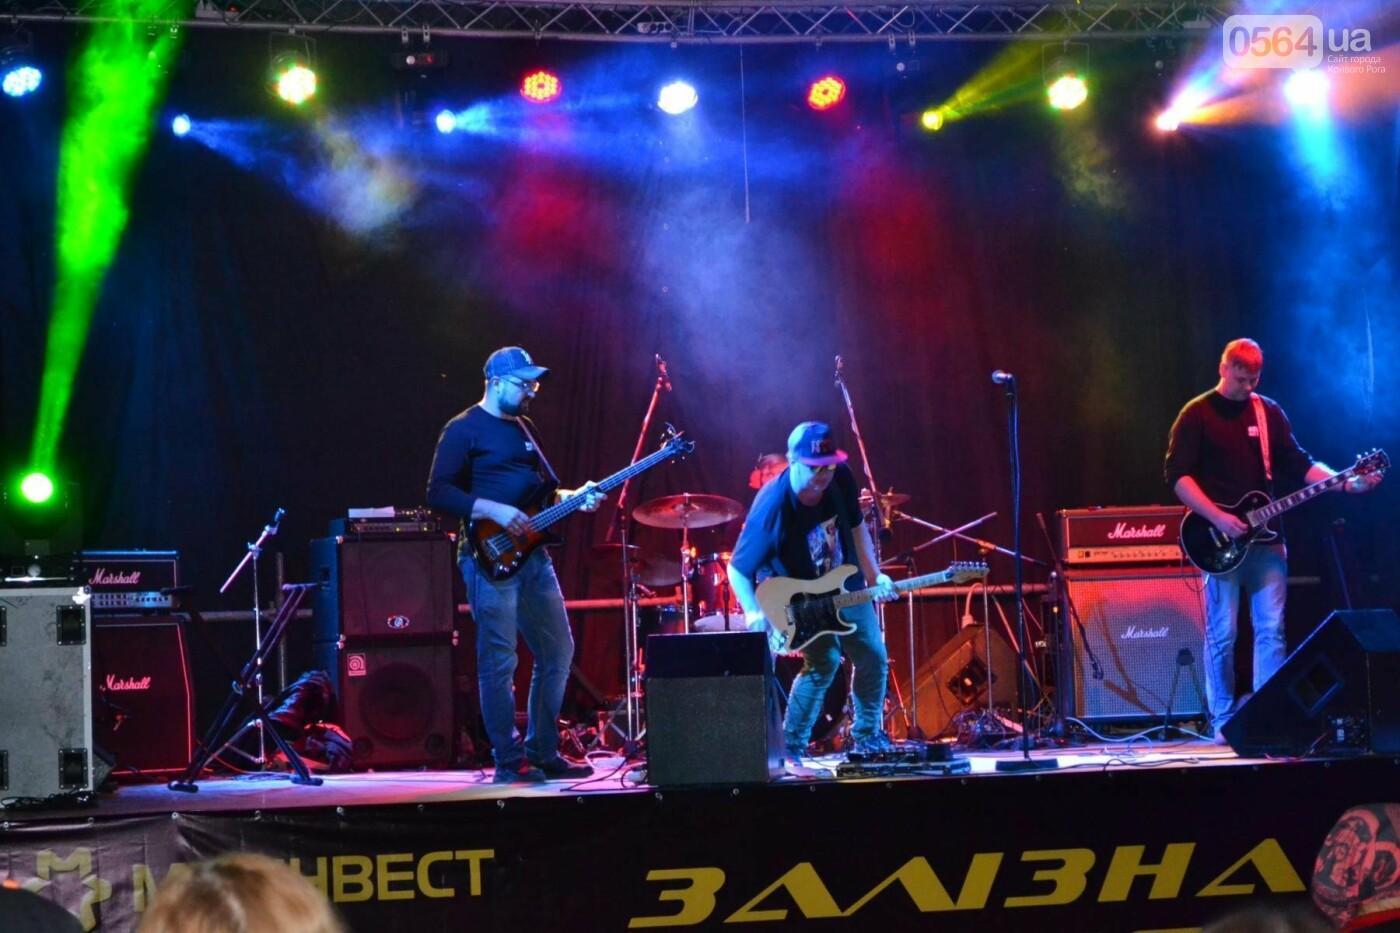 Подведение итогов, награждение победителей и выступление рок-групп, - чем завершился криворожский веломарафон, - ФОТО, ВИДЕО, фото-15